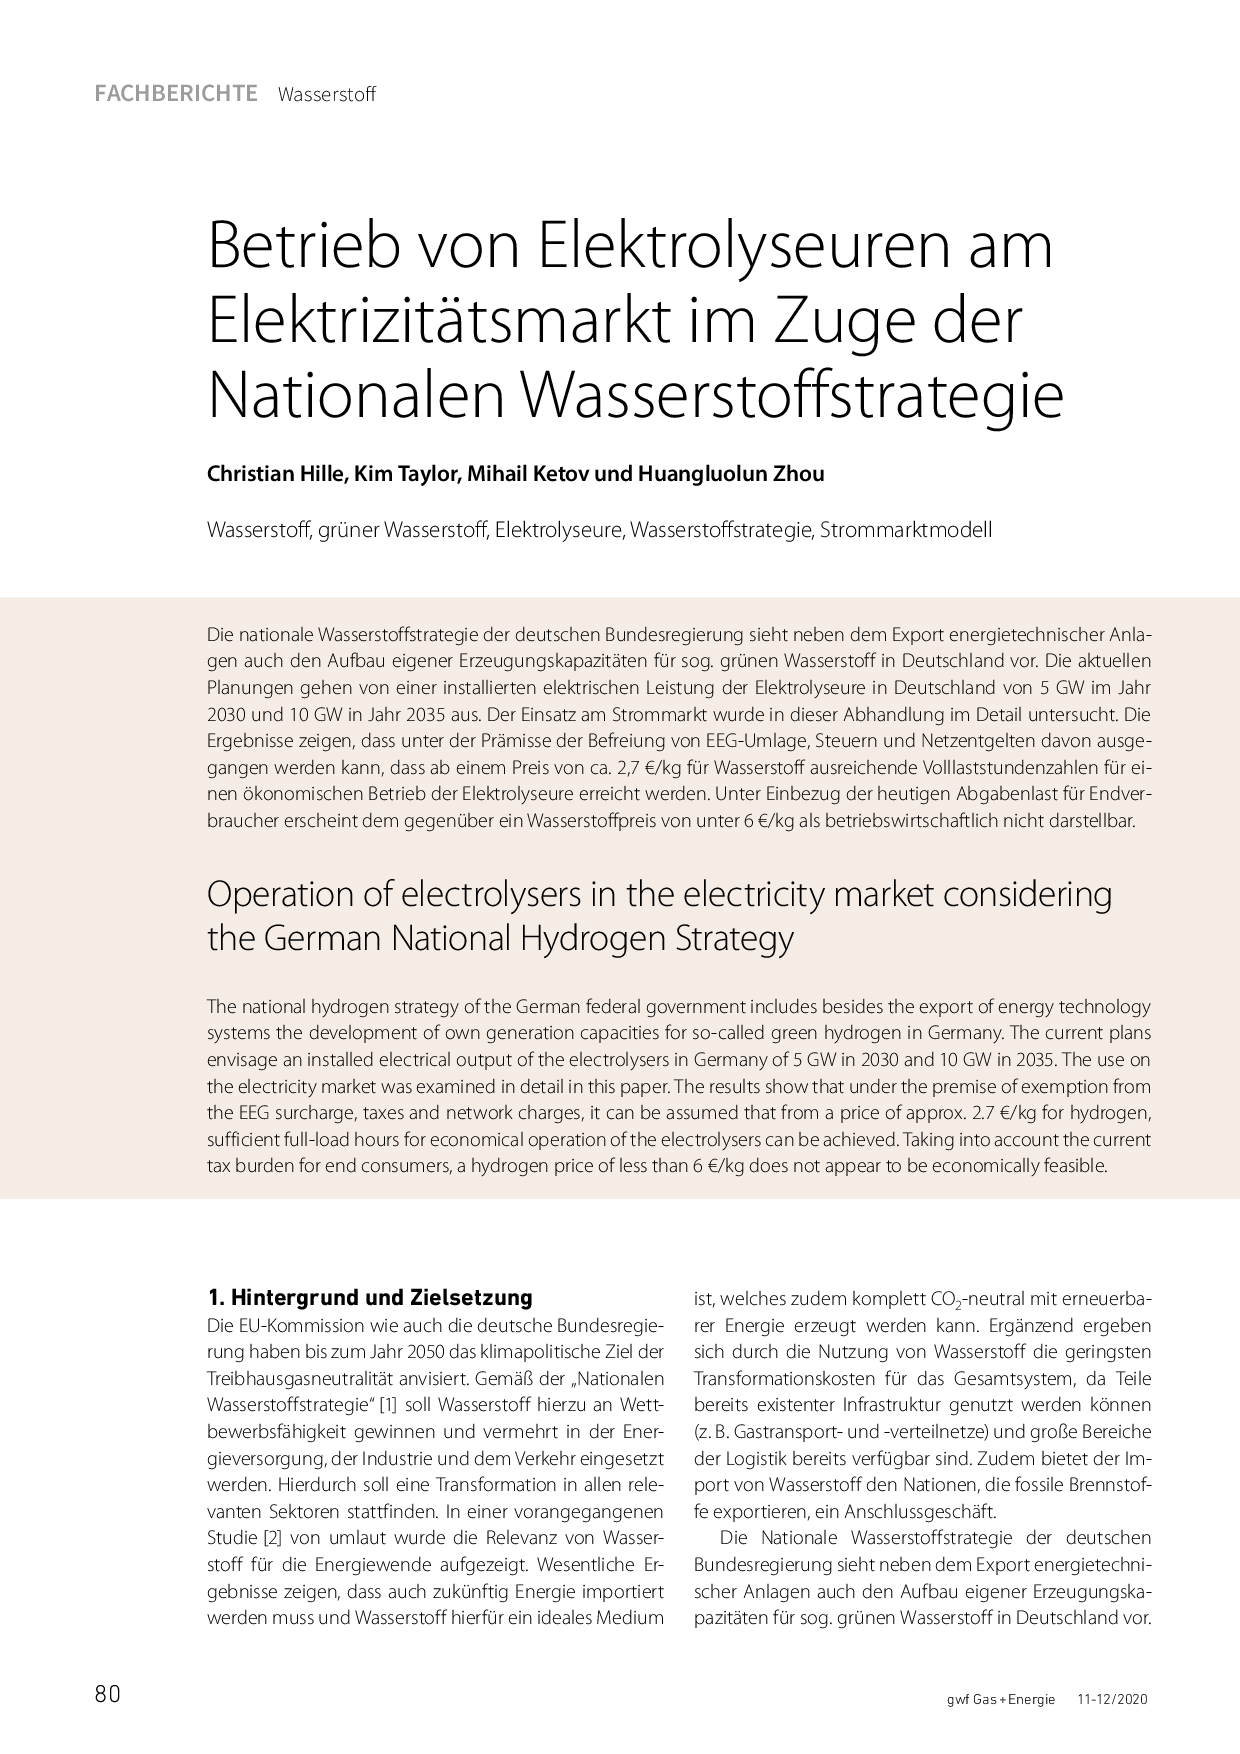 Betrieb von Elektrolyseuren am Elektrizitätsmarkt im Zuge der Nationalen Wasserstoffstrategie